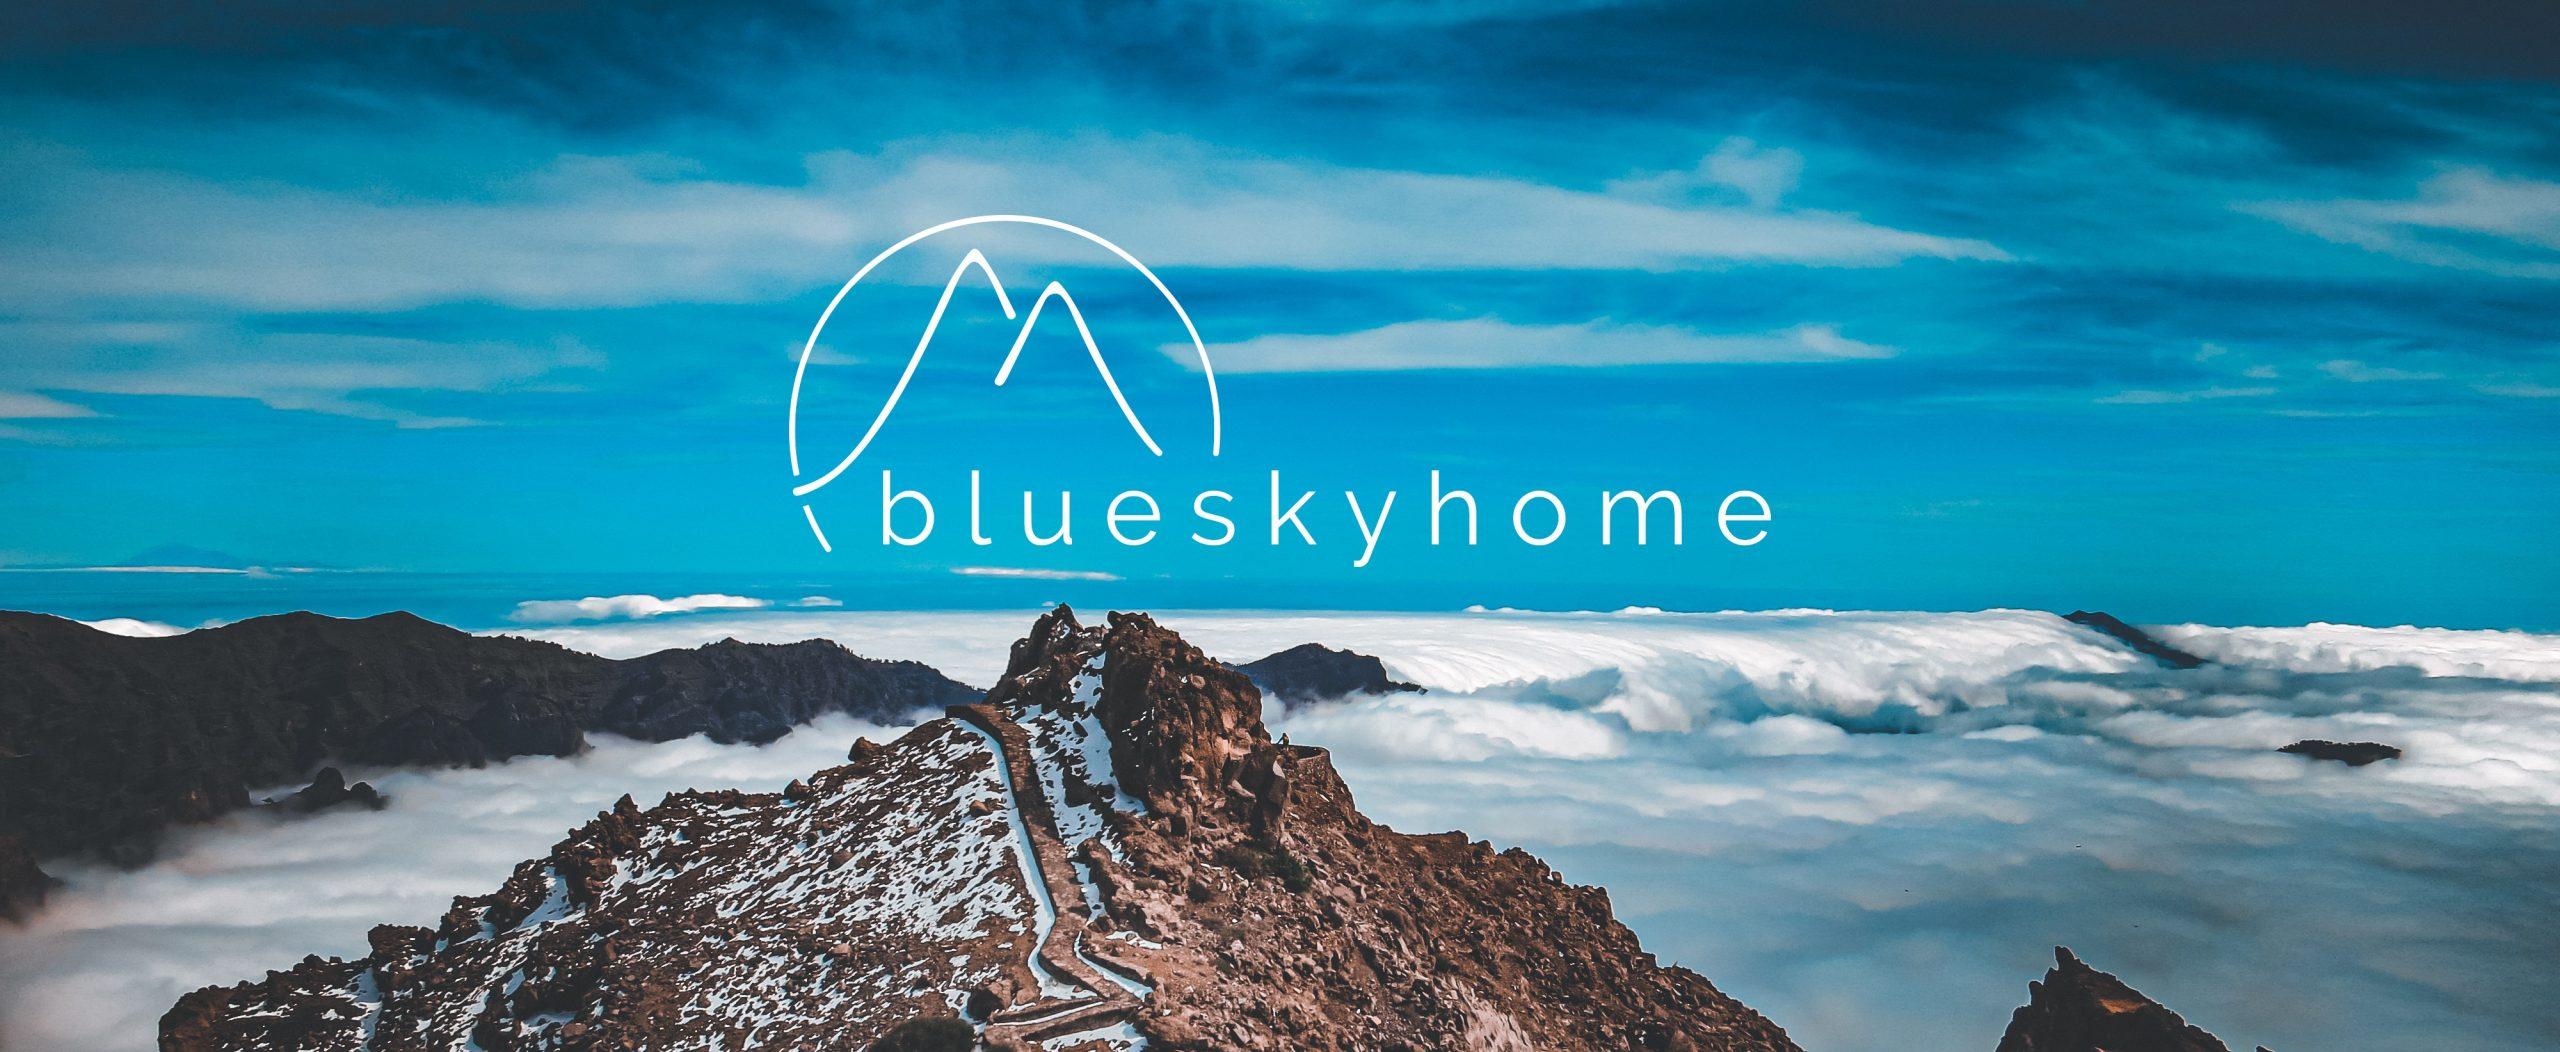 blueskyhome